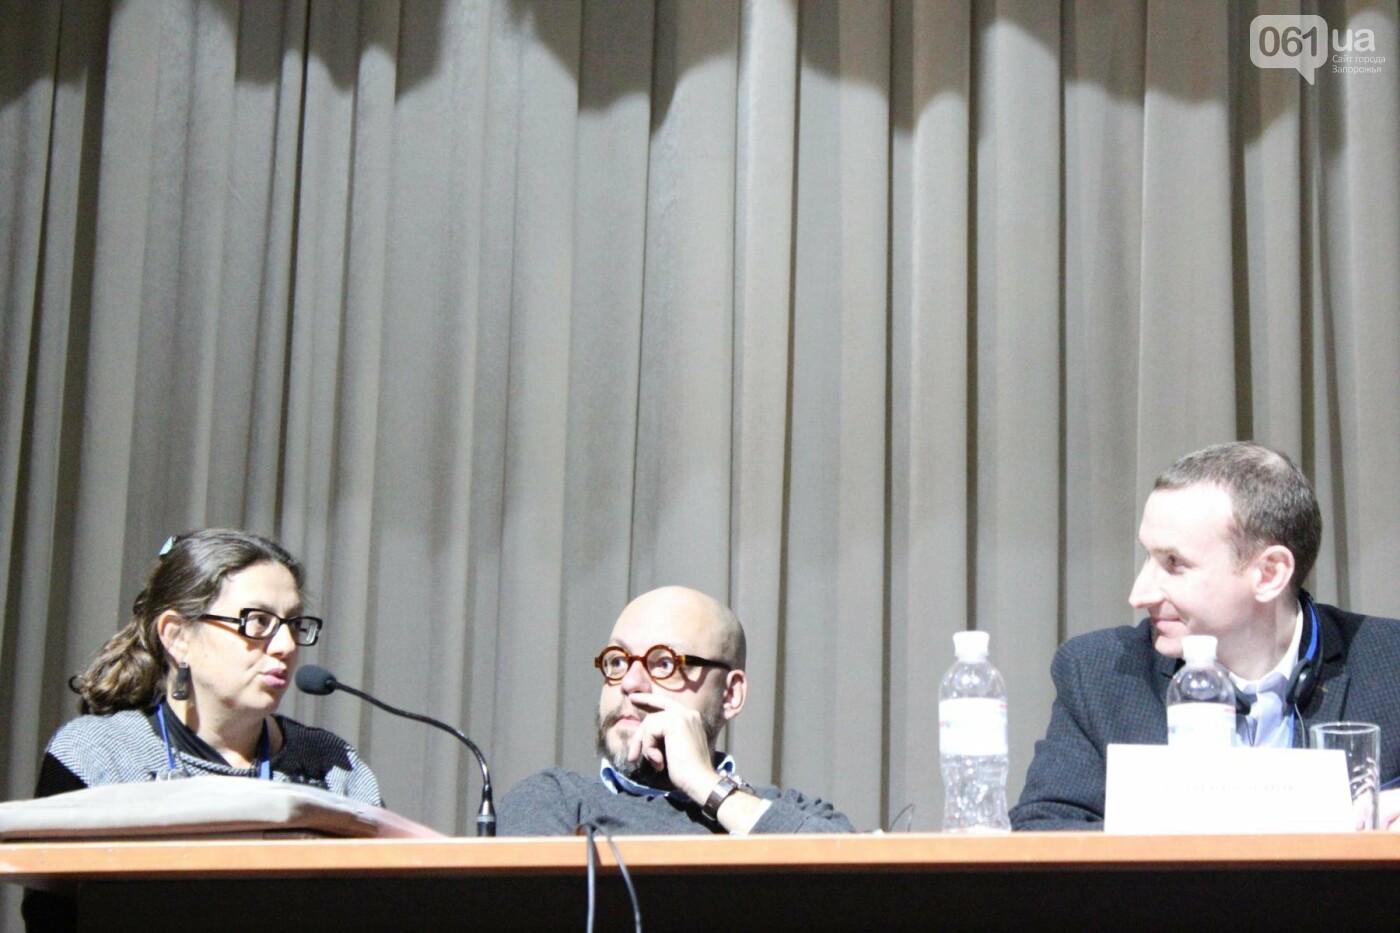 Спасти Соцгород: немецкие и украинские архитекторы подписали резолюцию для запорожской власти, - ФОТОРЕПОРТАЖ, фото-13